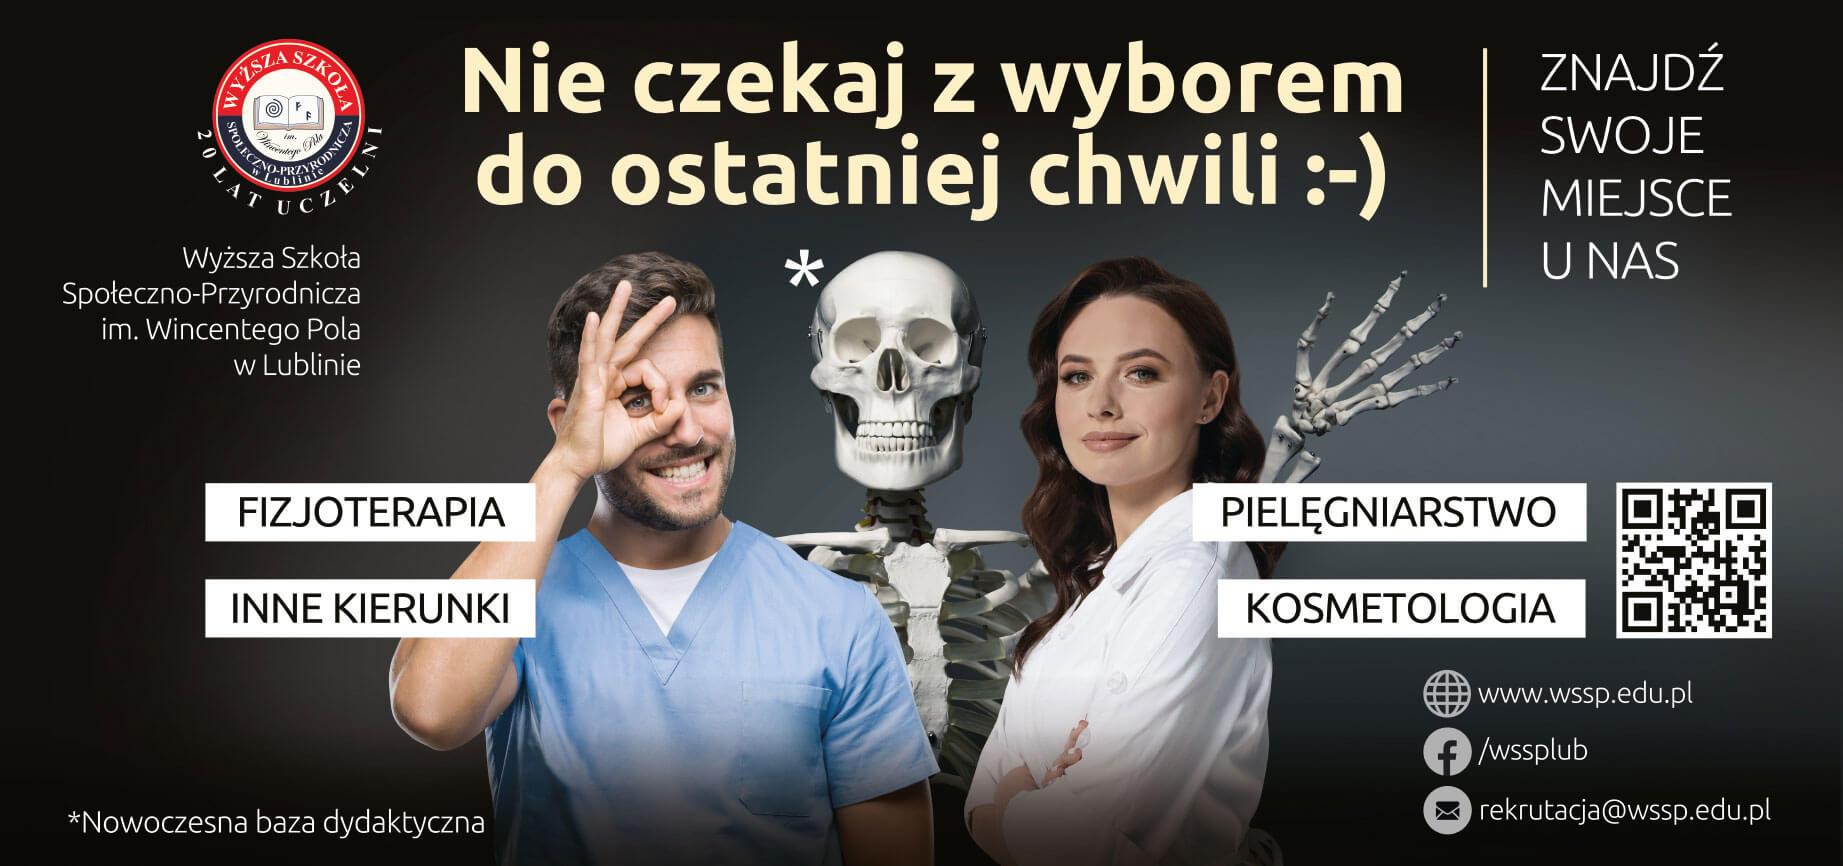 Billboard promocyjny kampanii rekrutacyjnej WSSP